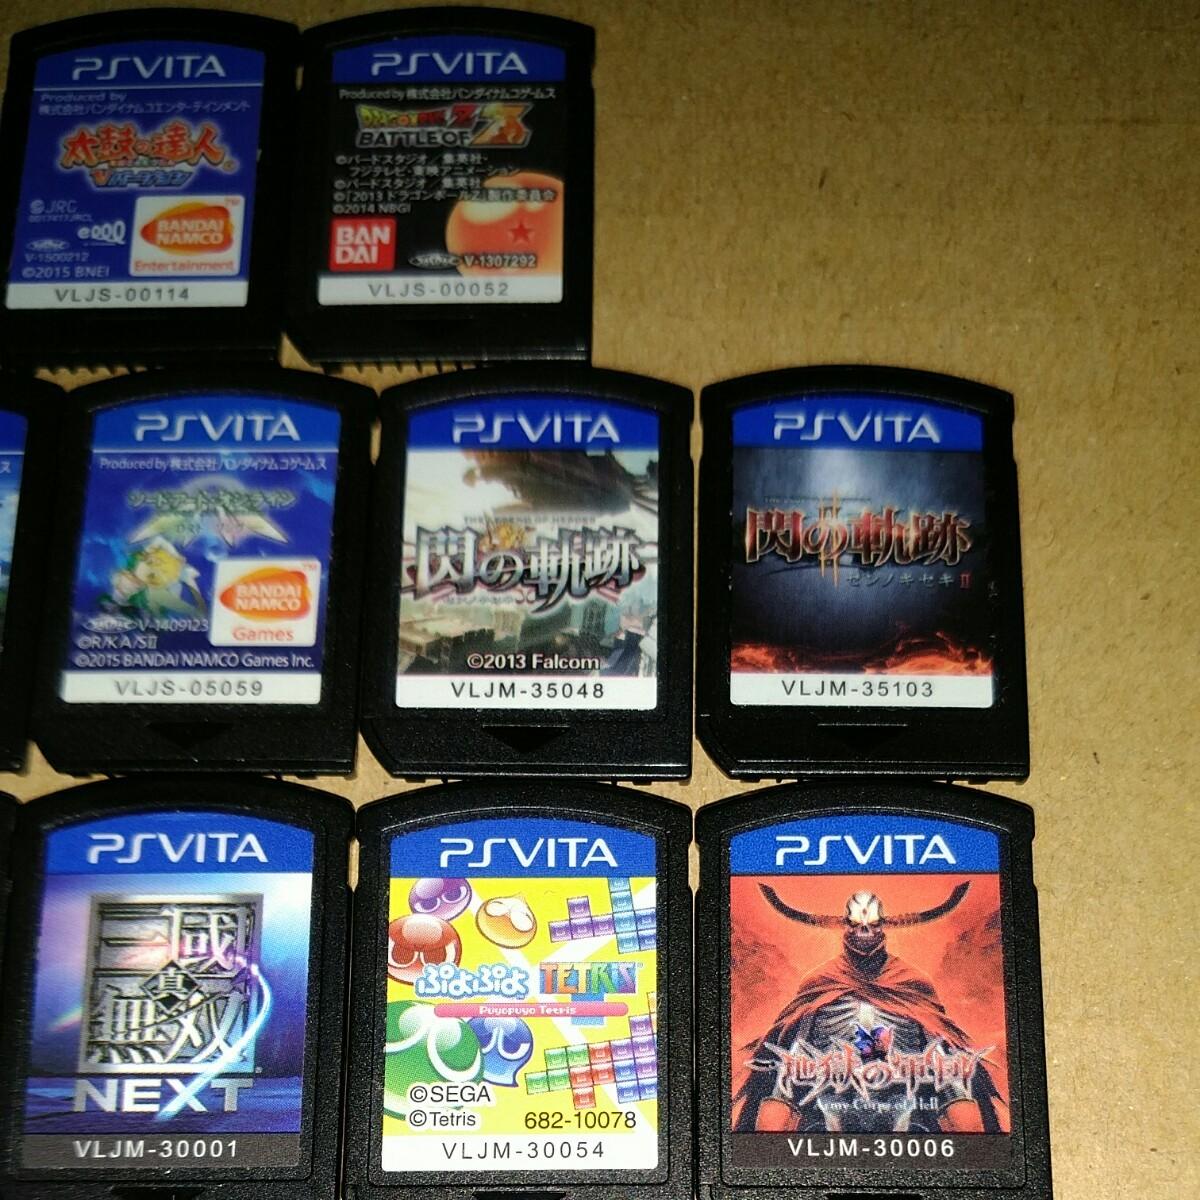 動作確認済み PS Vita 22本セット まとめ売り 被り無し マインクラフト 三國志 テラリア 進撃の巨人 ぷよぷよ など